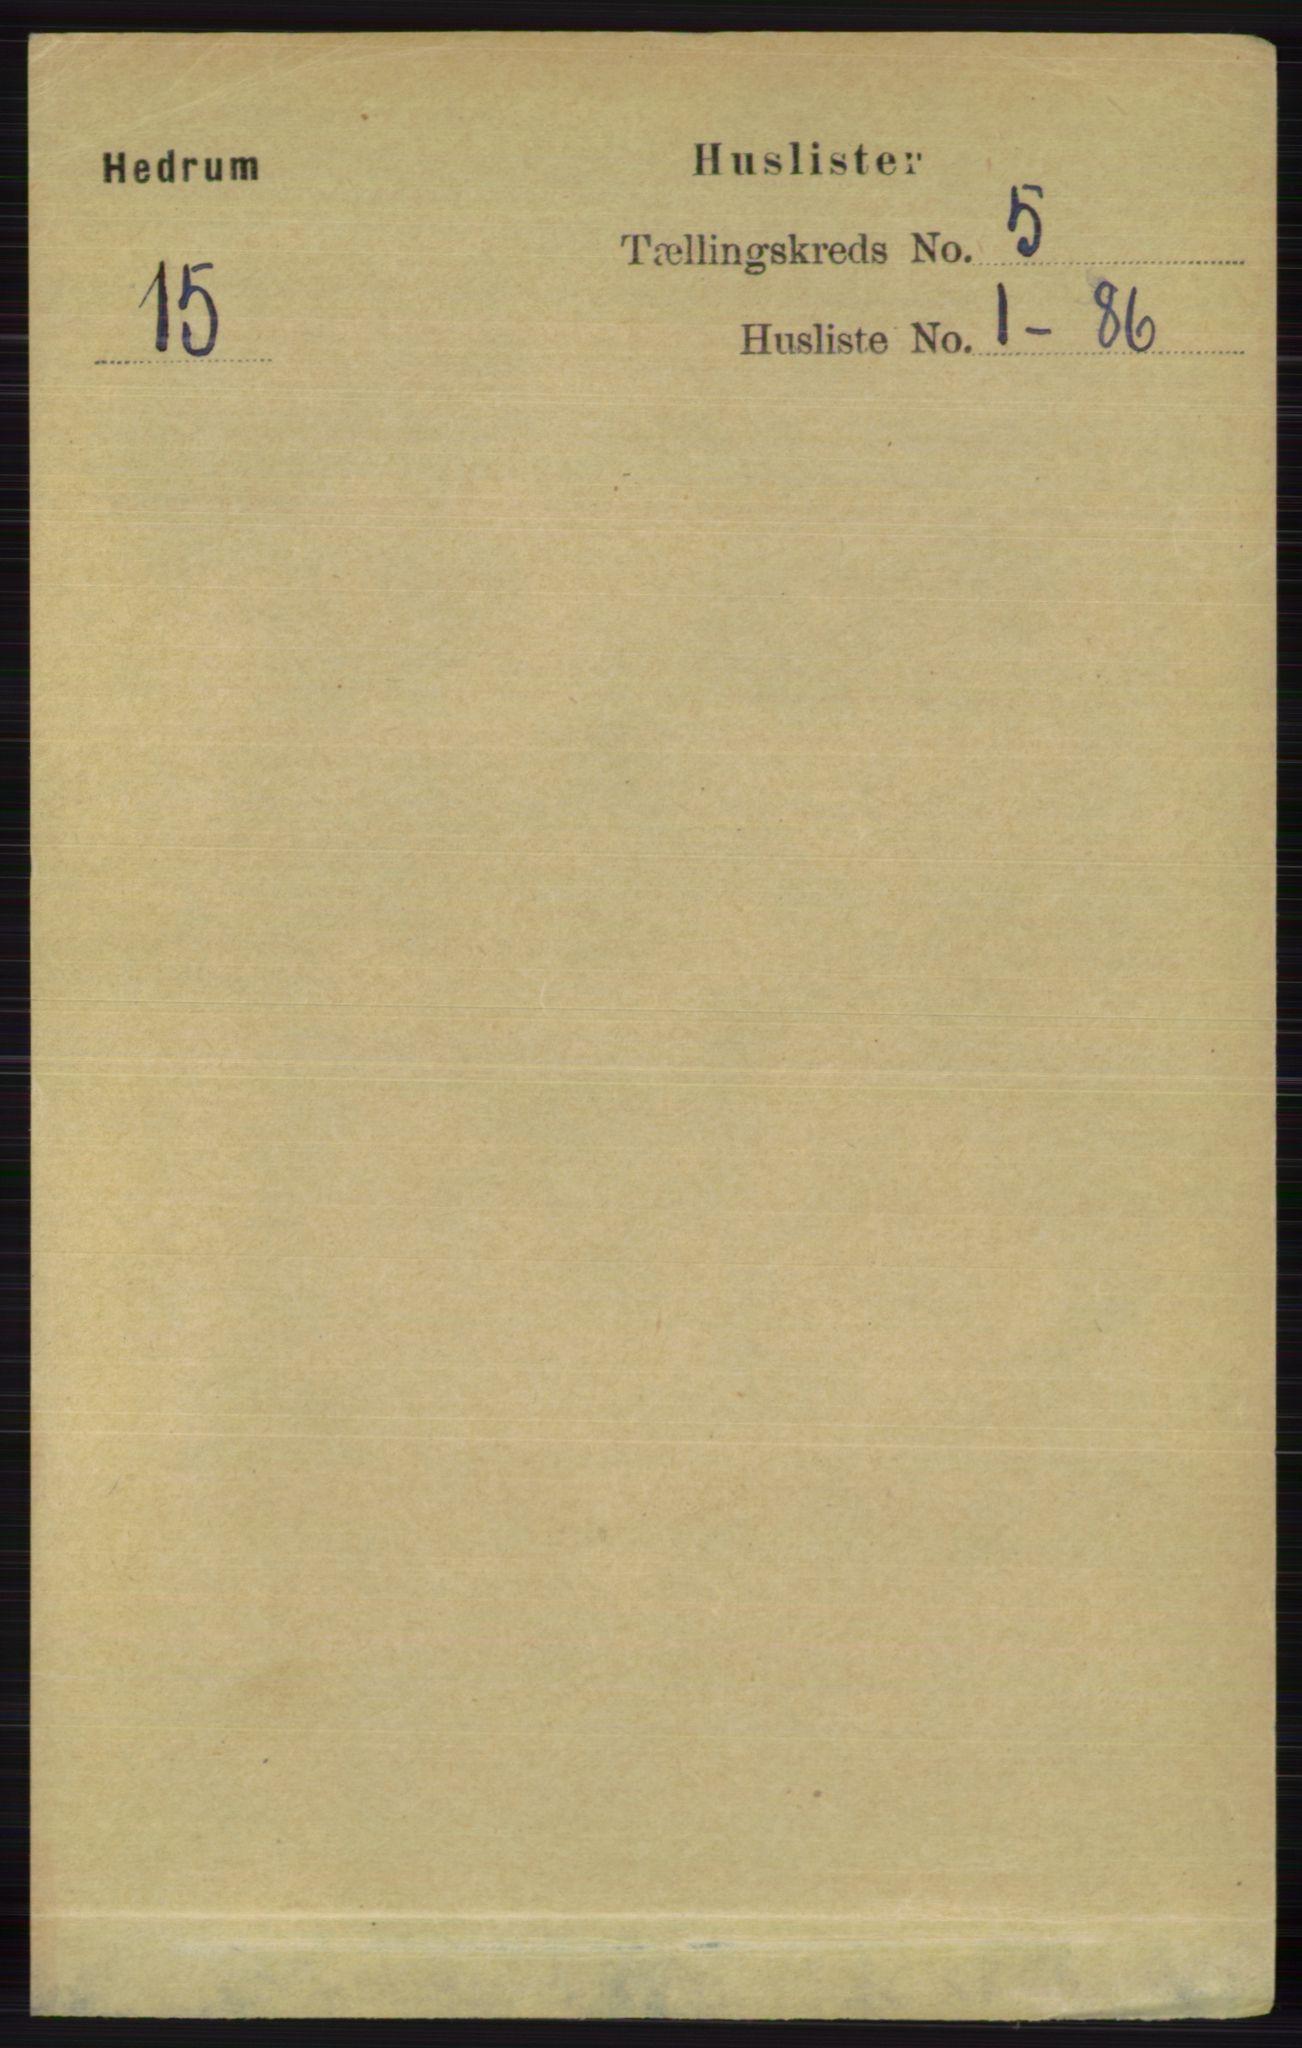 RA, Folketelling 1891 for 0727 Hedrum herred, 1891, s. 1875